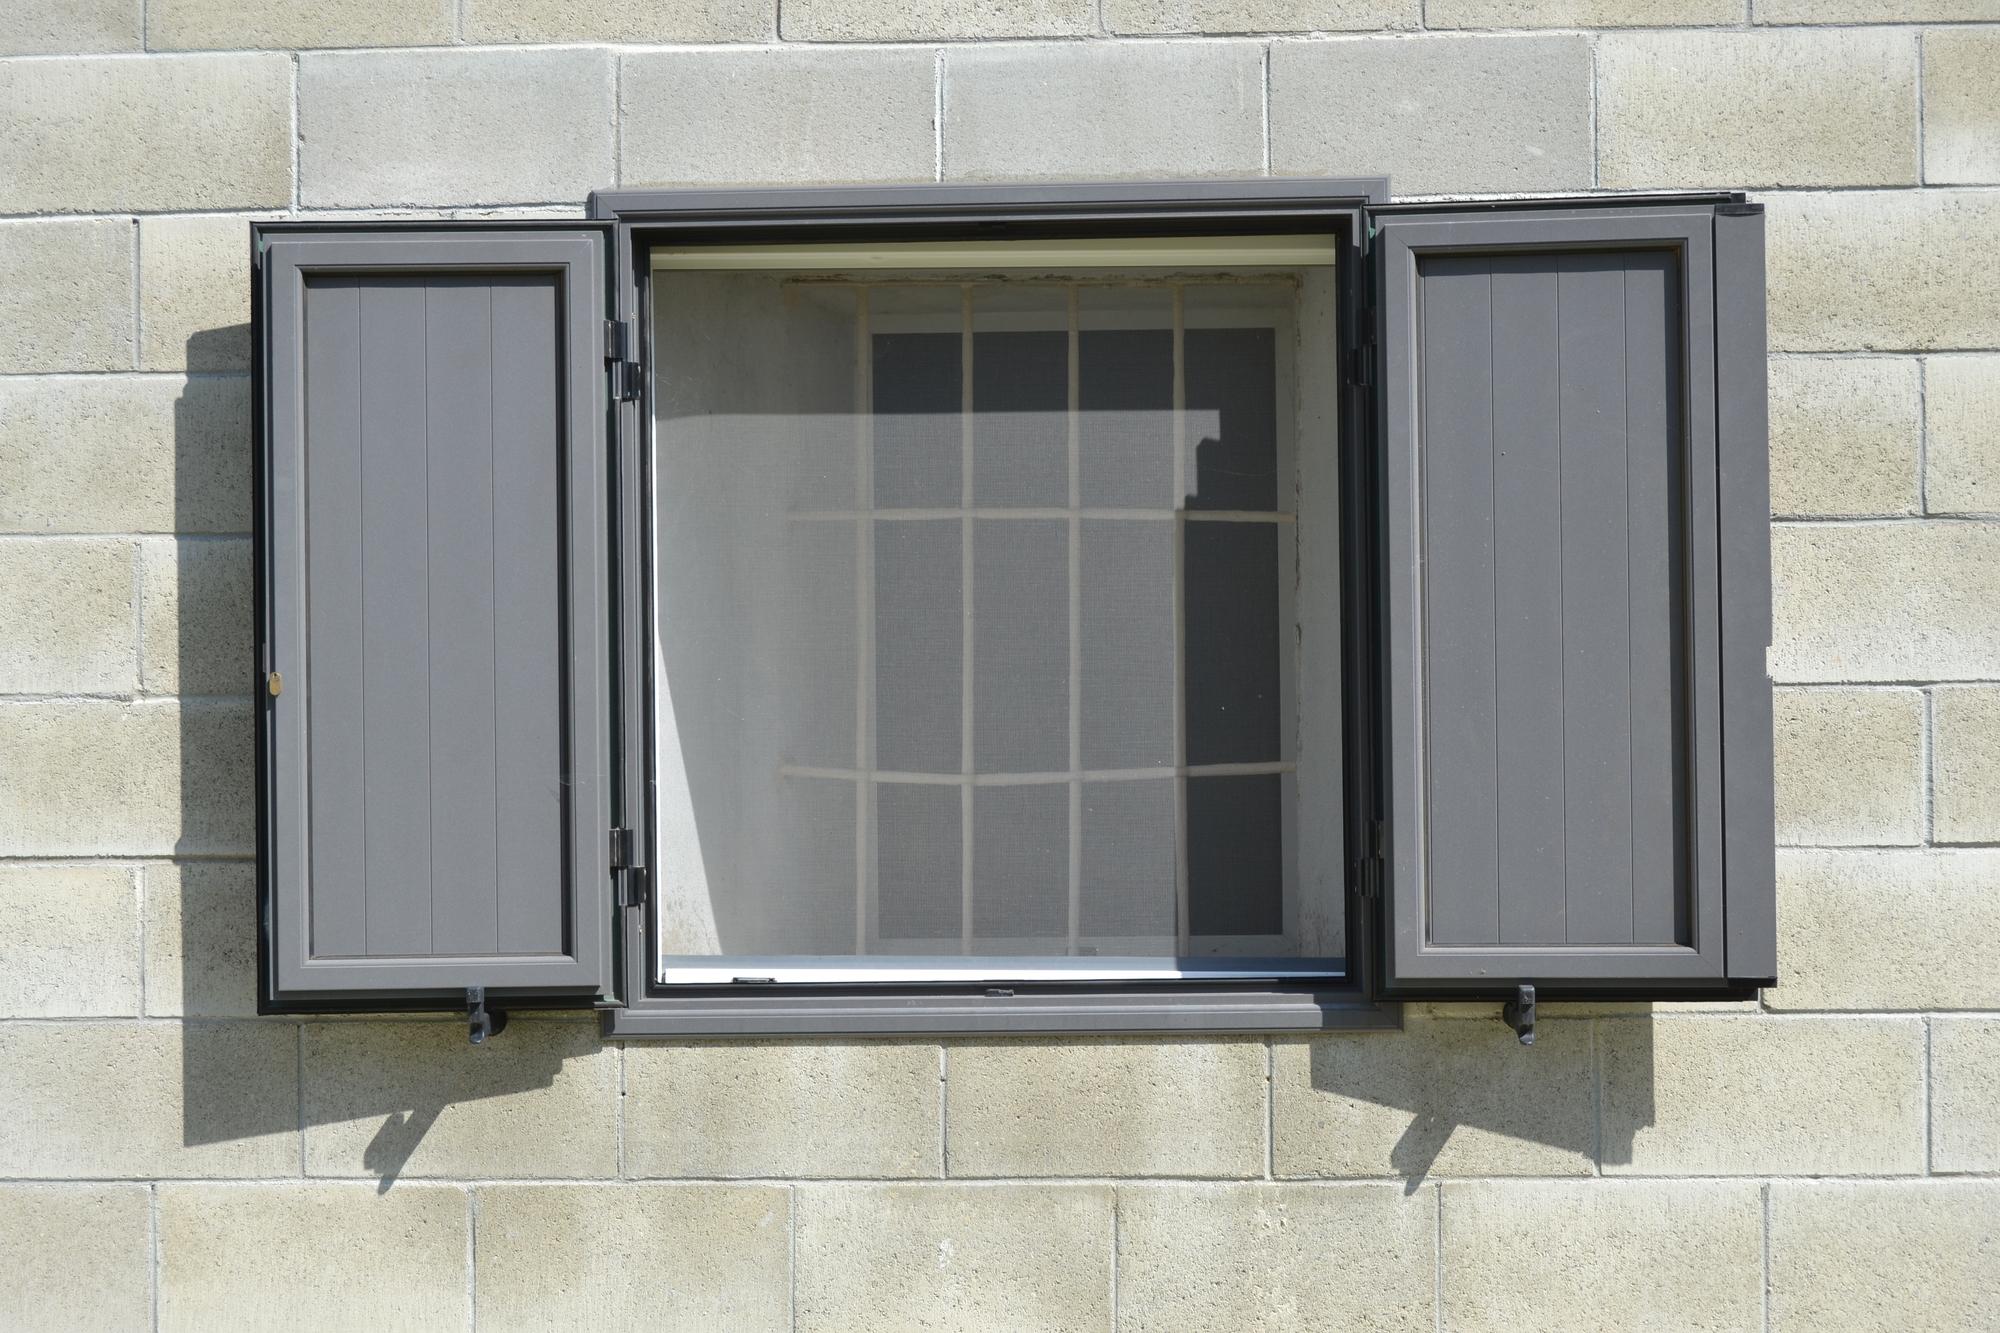 Zanzariere a calamita per grate porte e finestre prezzi - Zanzariere per porte finestre prezzi ...